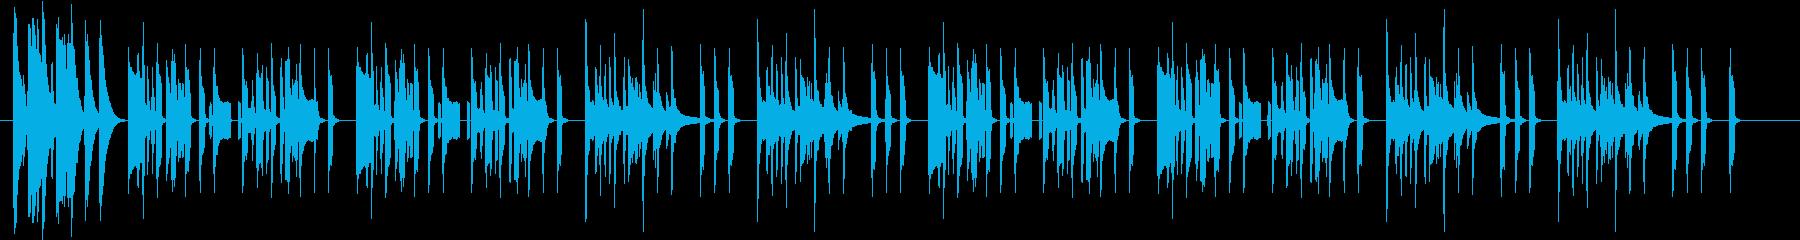 まぬけなリコーダーマーチの再生済みの波形